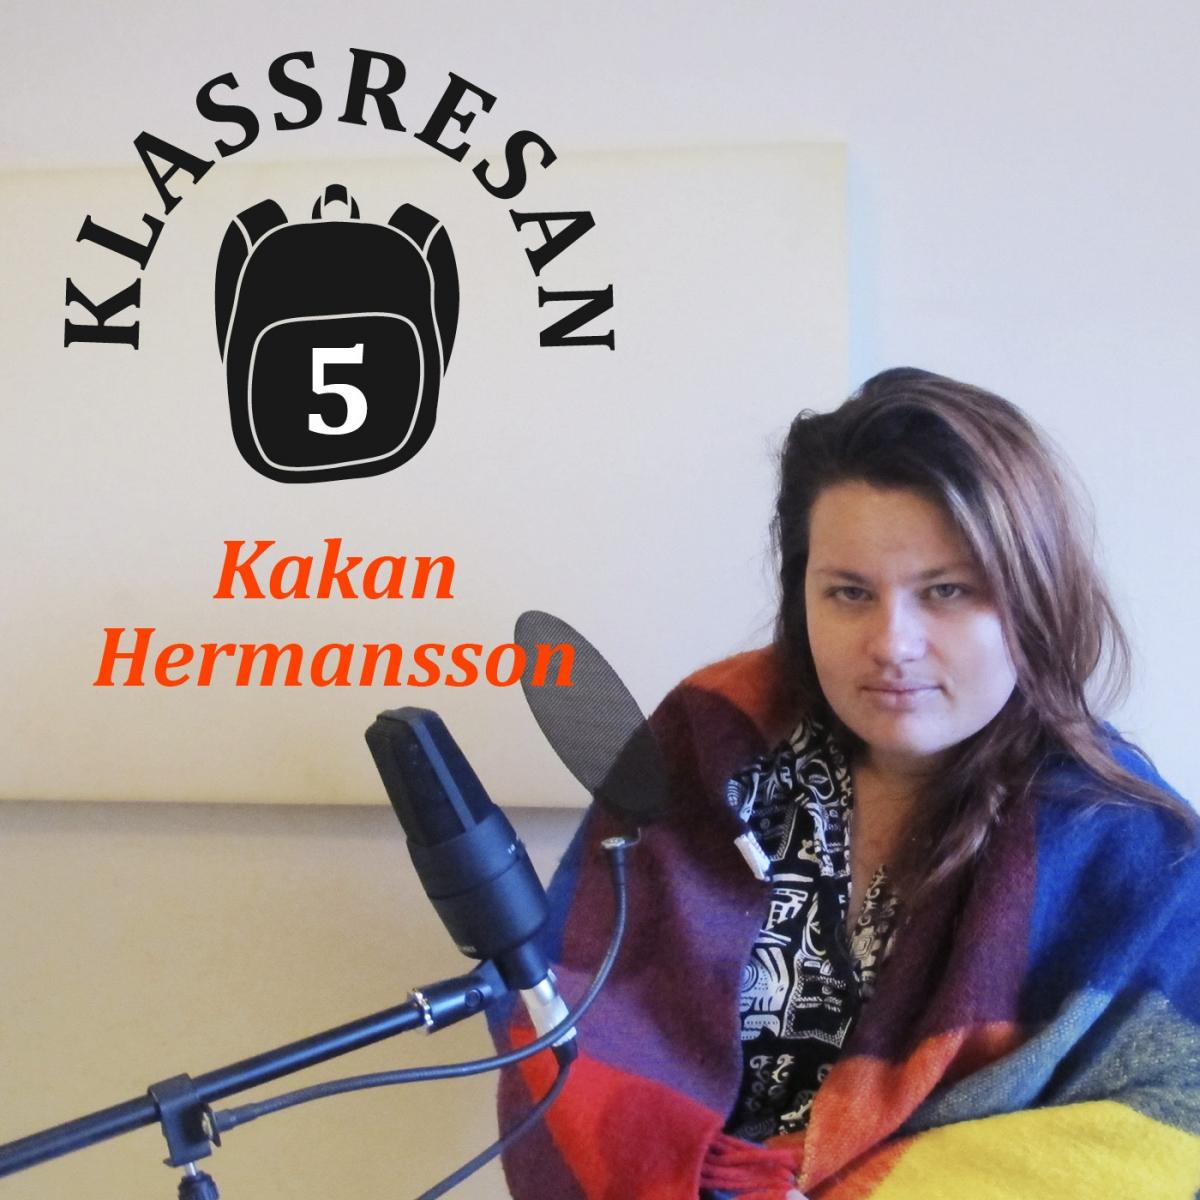 kakan hermansson podcast